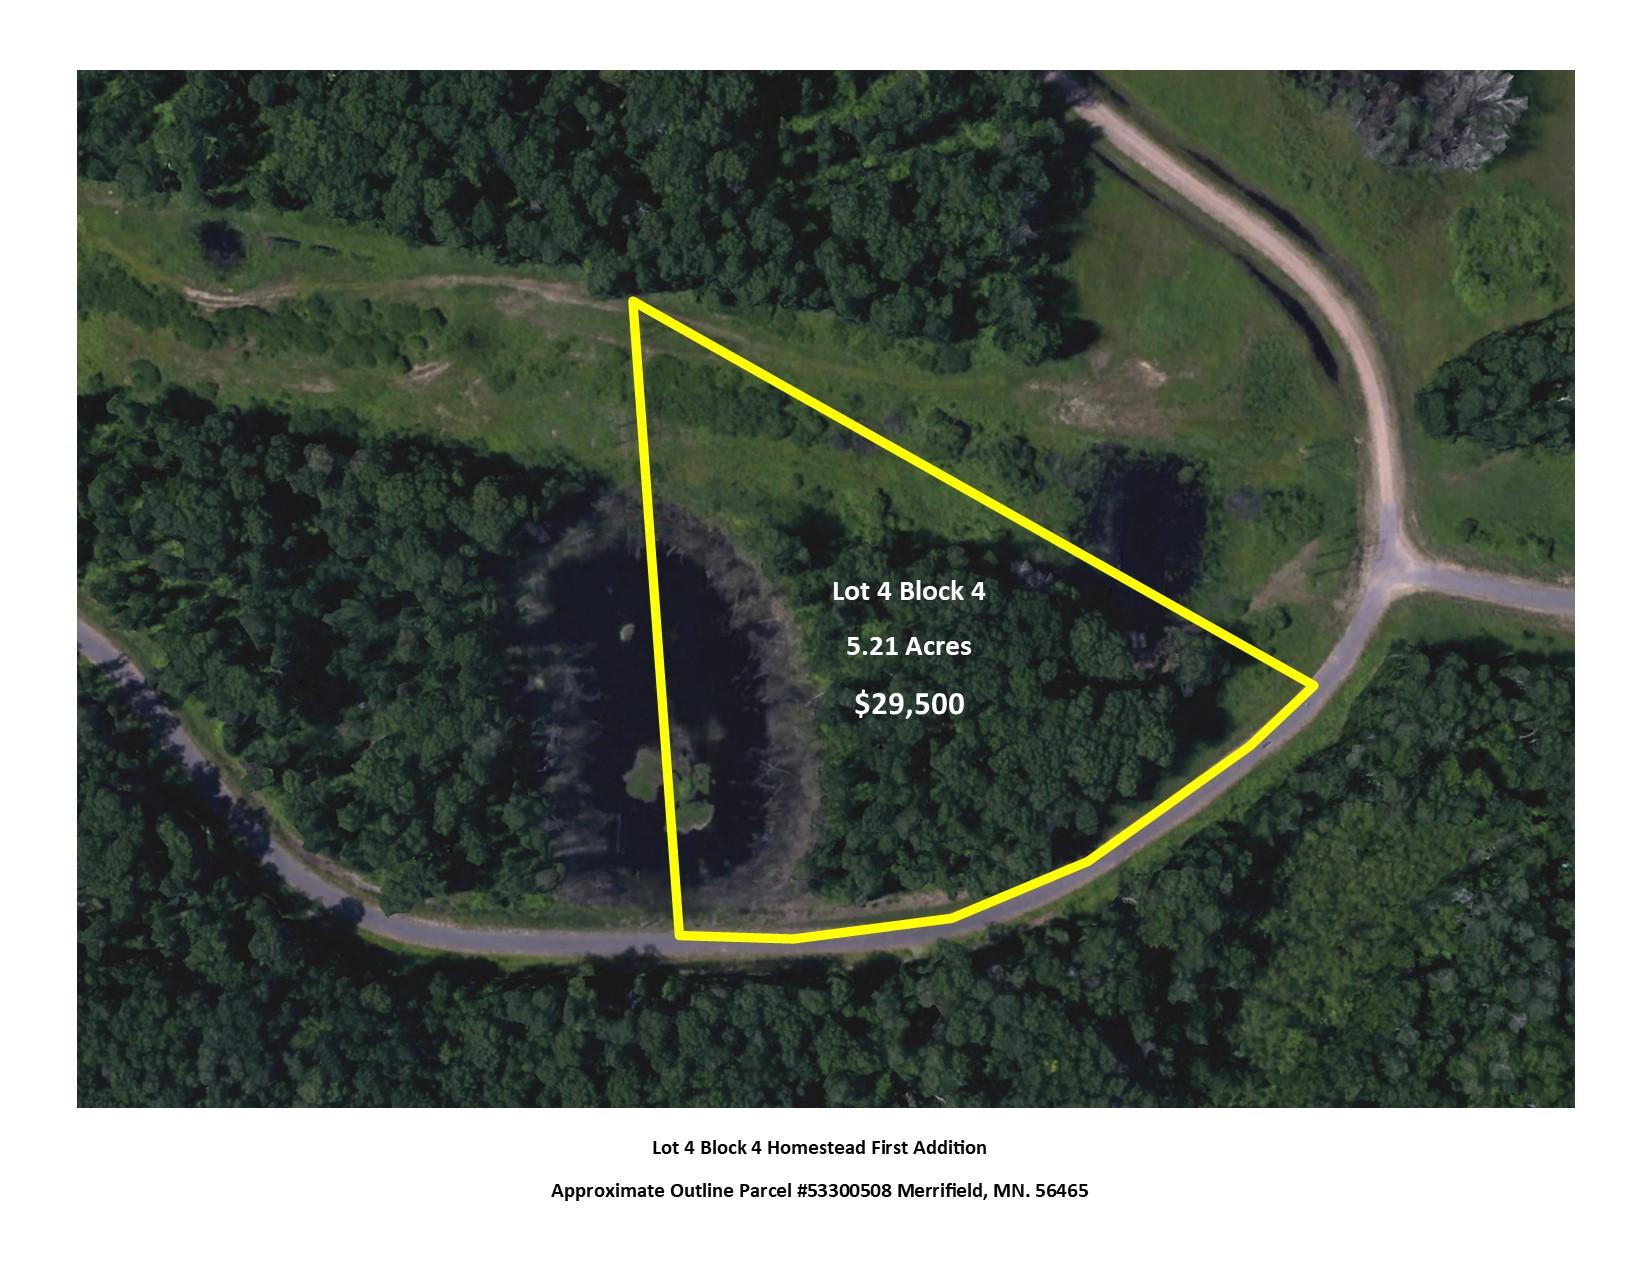 L4B4 Settler Trail, Center Twp, Merrifield